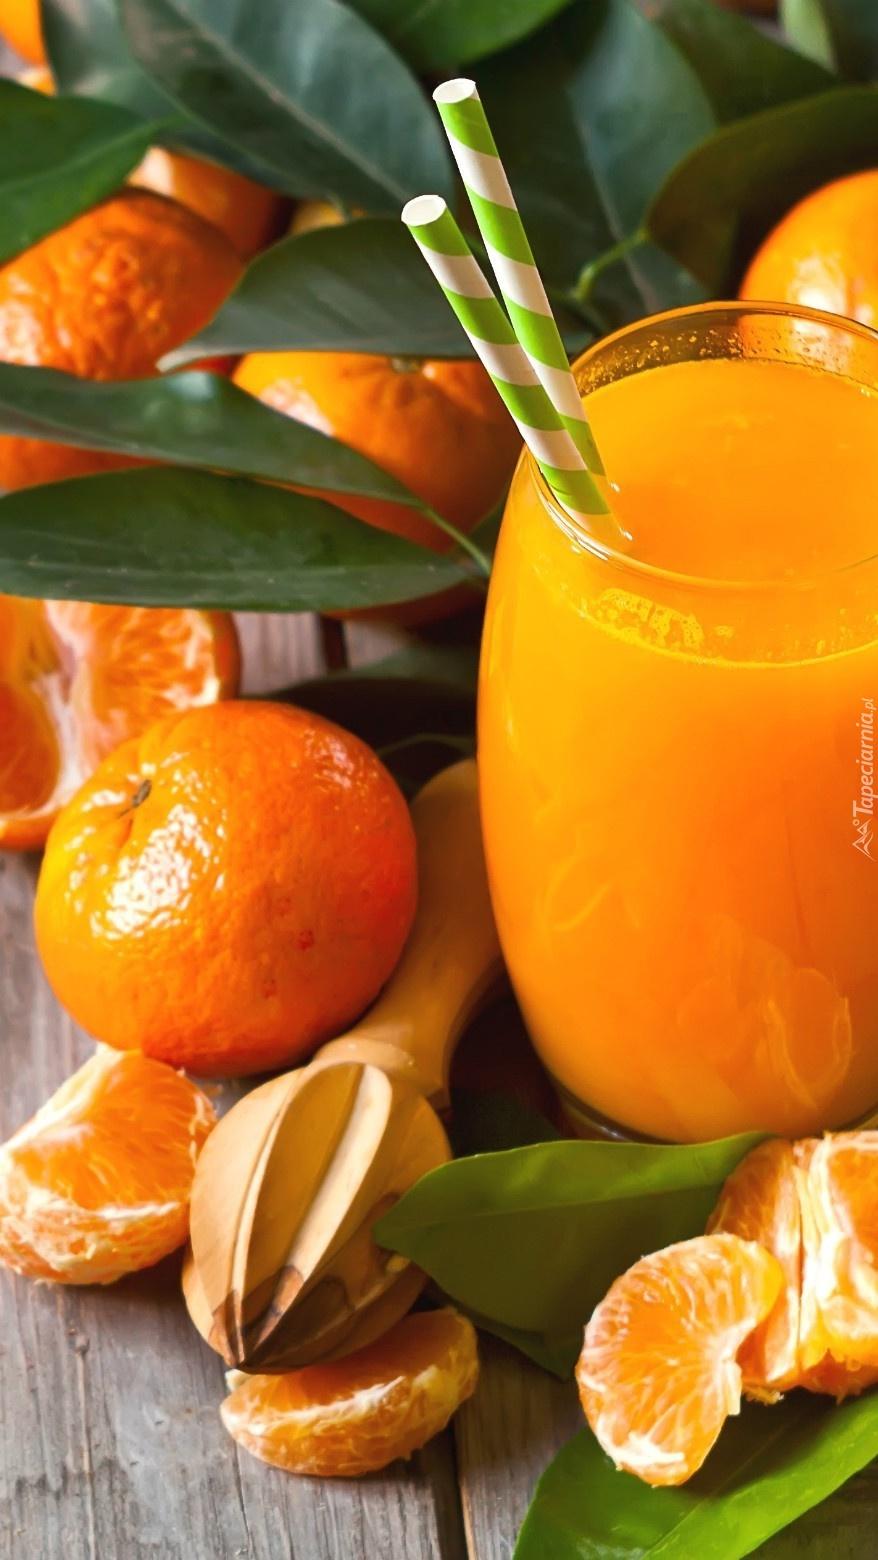 Szklanka soku pomarańczowego ze słomkami